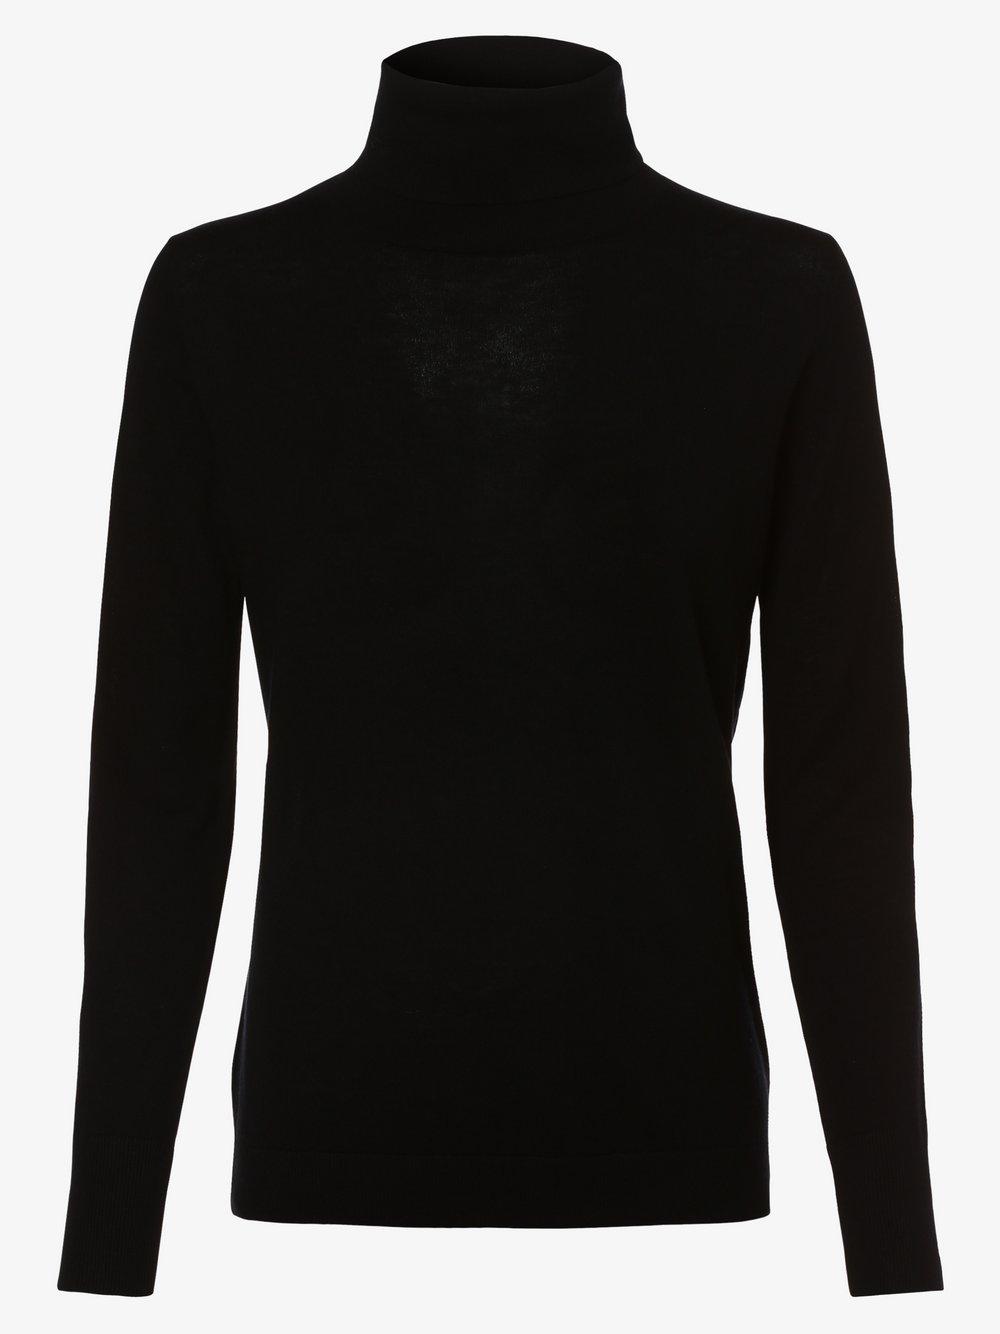 SvB Exquisit – Damski sweter z wełny merino, czarny Van Graaf 479071-0001-00440